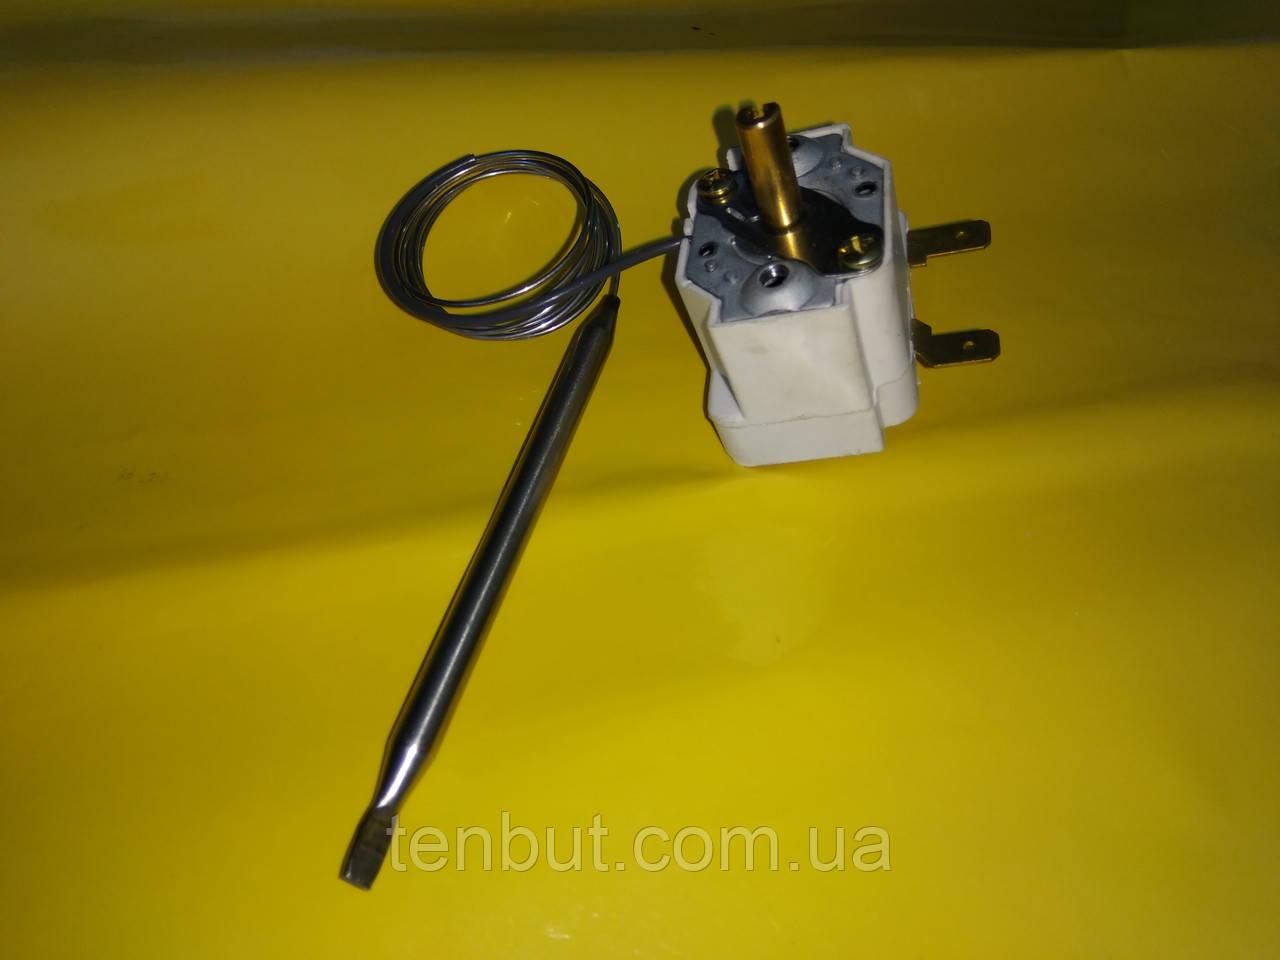 Терморегулятор капилярный 90℃ / 250 В / 20 А для бойлера Атлантик производство Китай